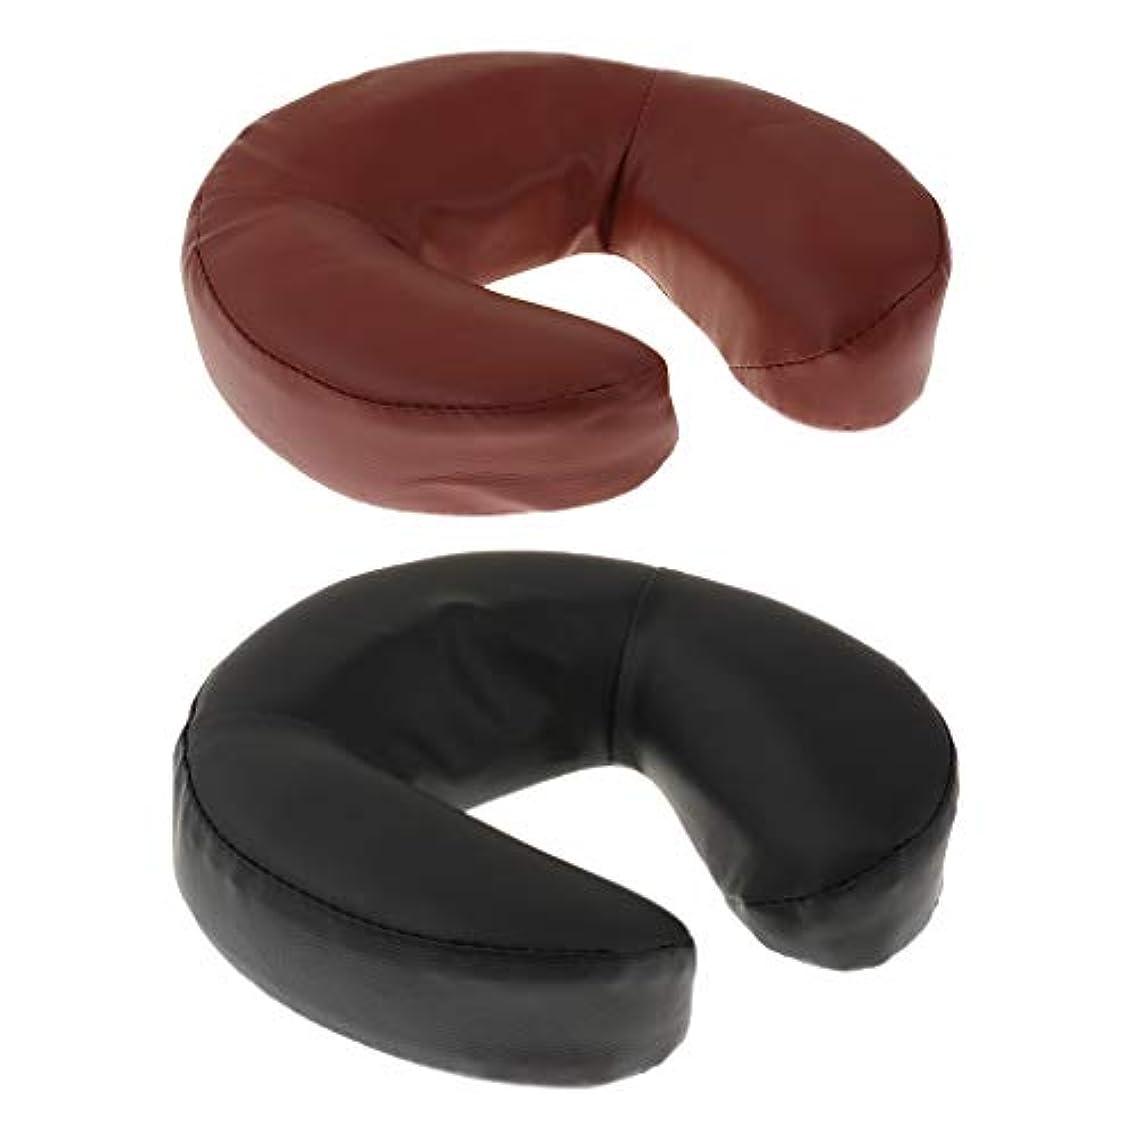 満員シネマジャングルテーブル枕 クッション マッサージ用 フォーム+ PUレザー 2個入り